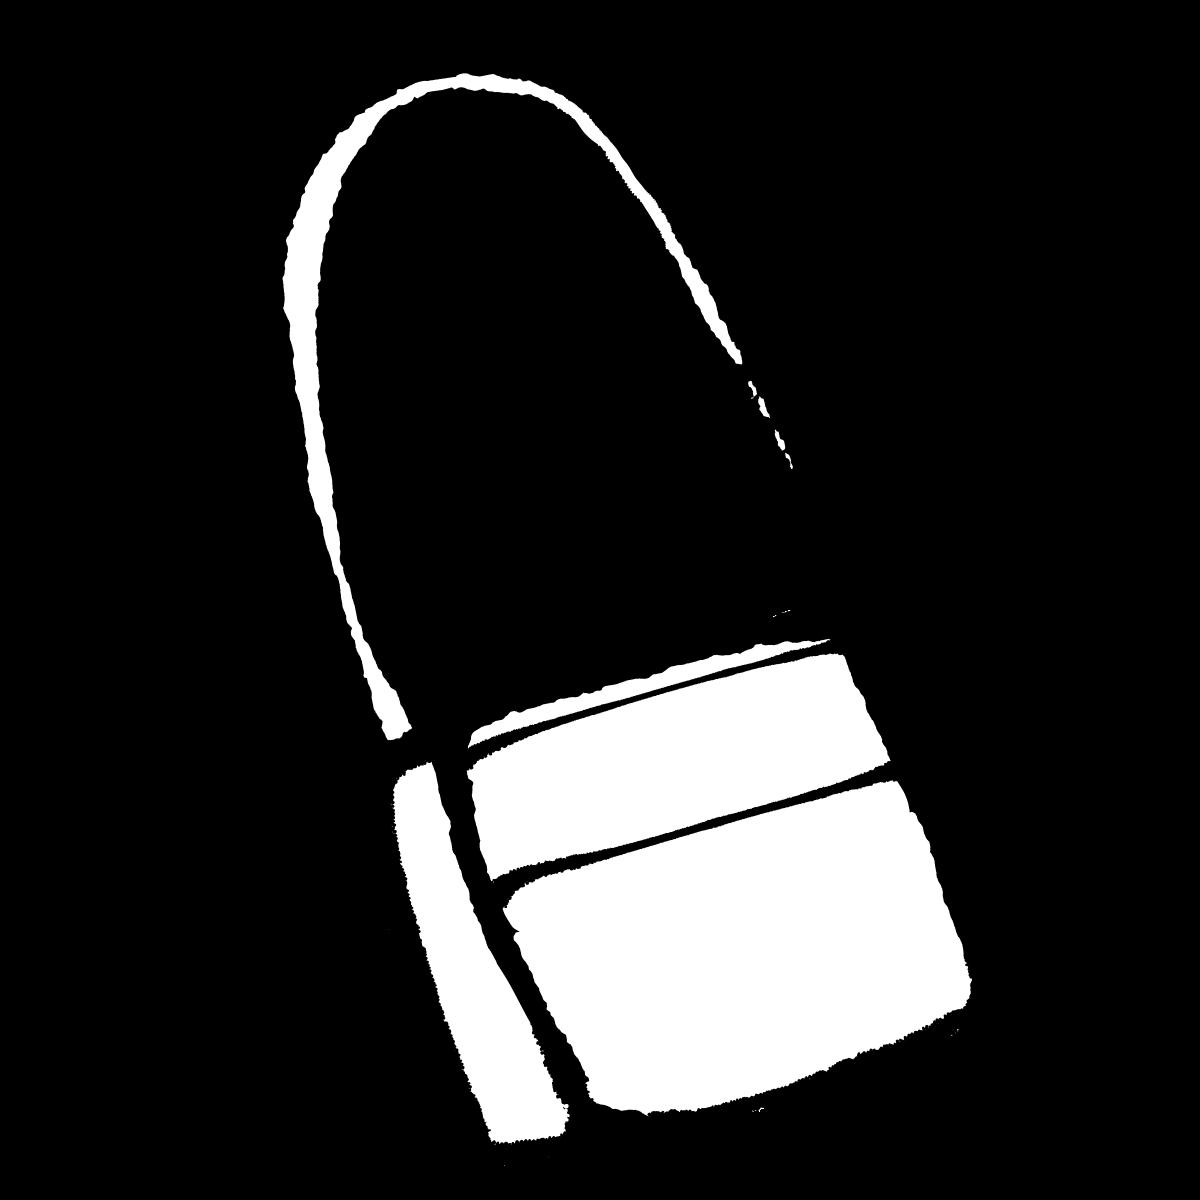 斜めバッグ2のイラスト / Diagonal bag Illustration